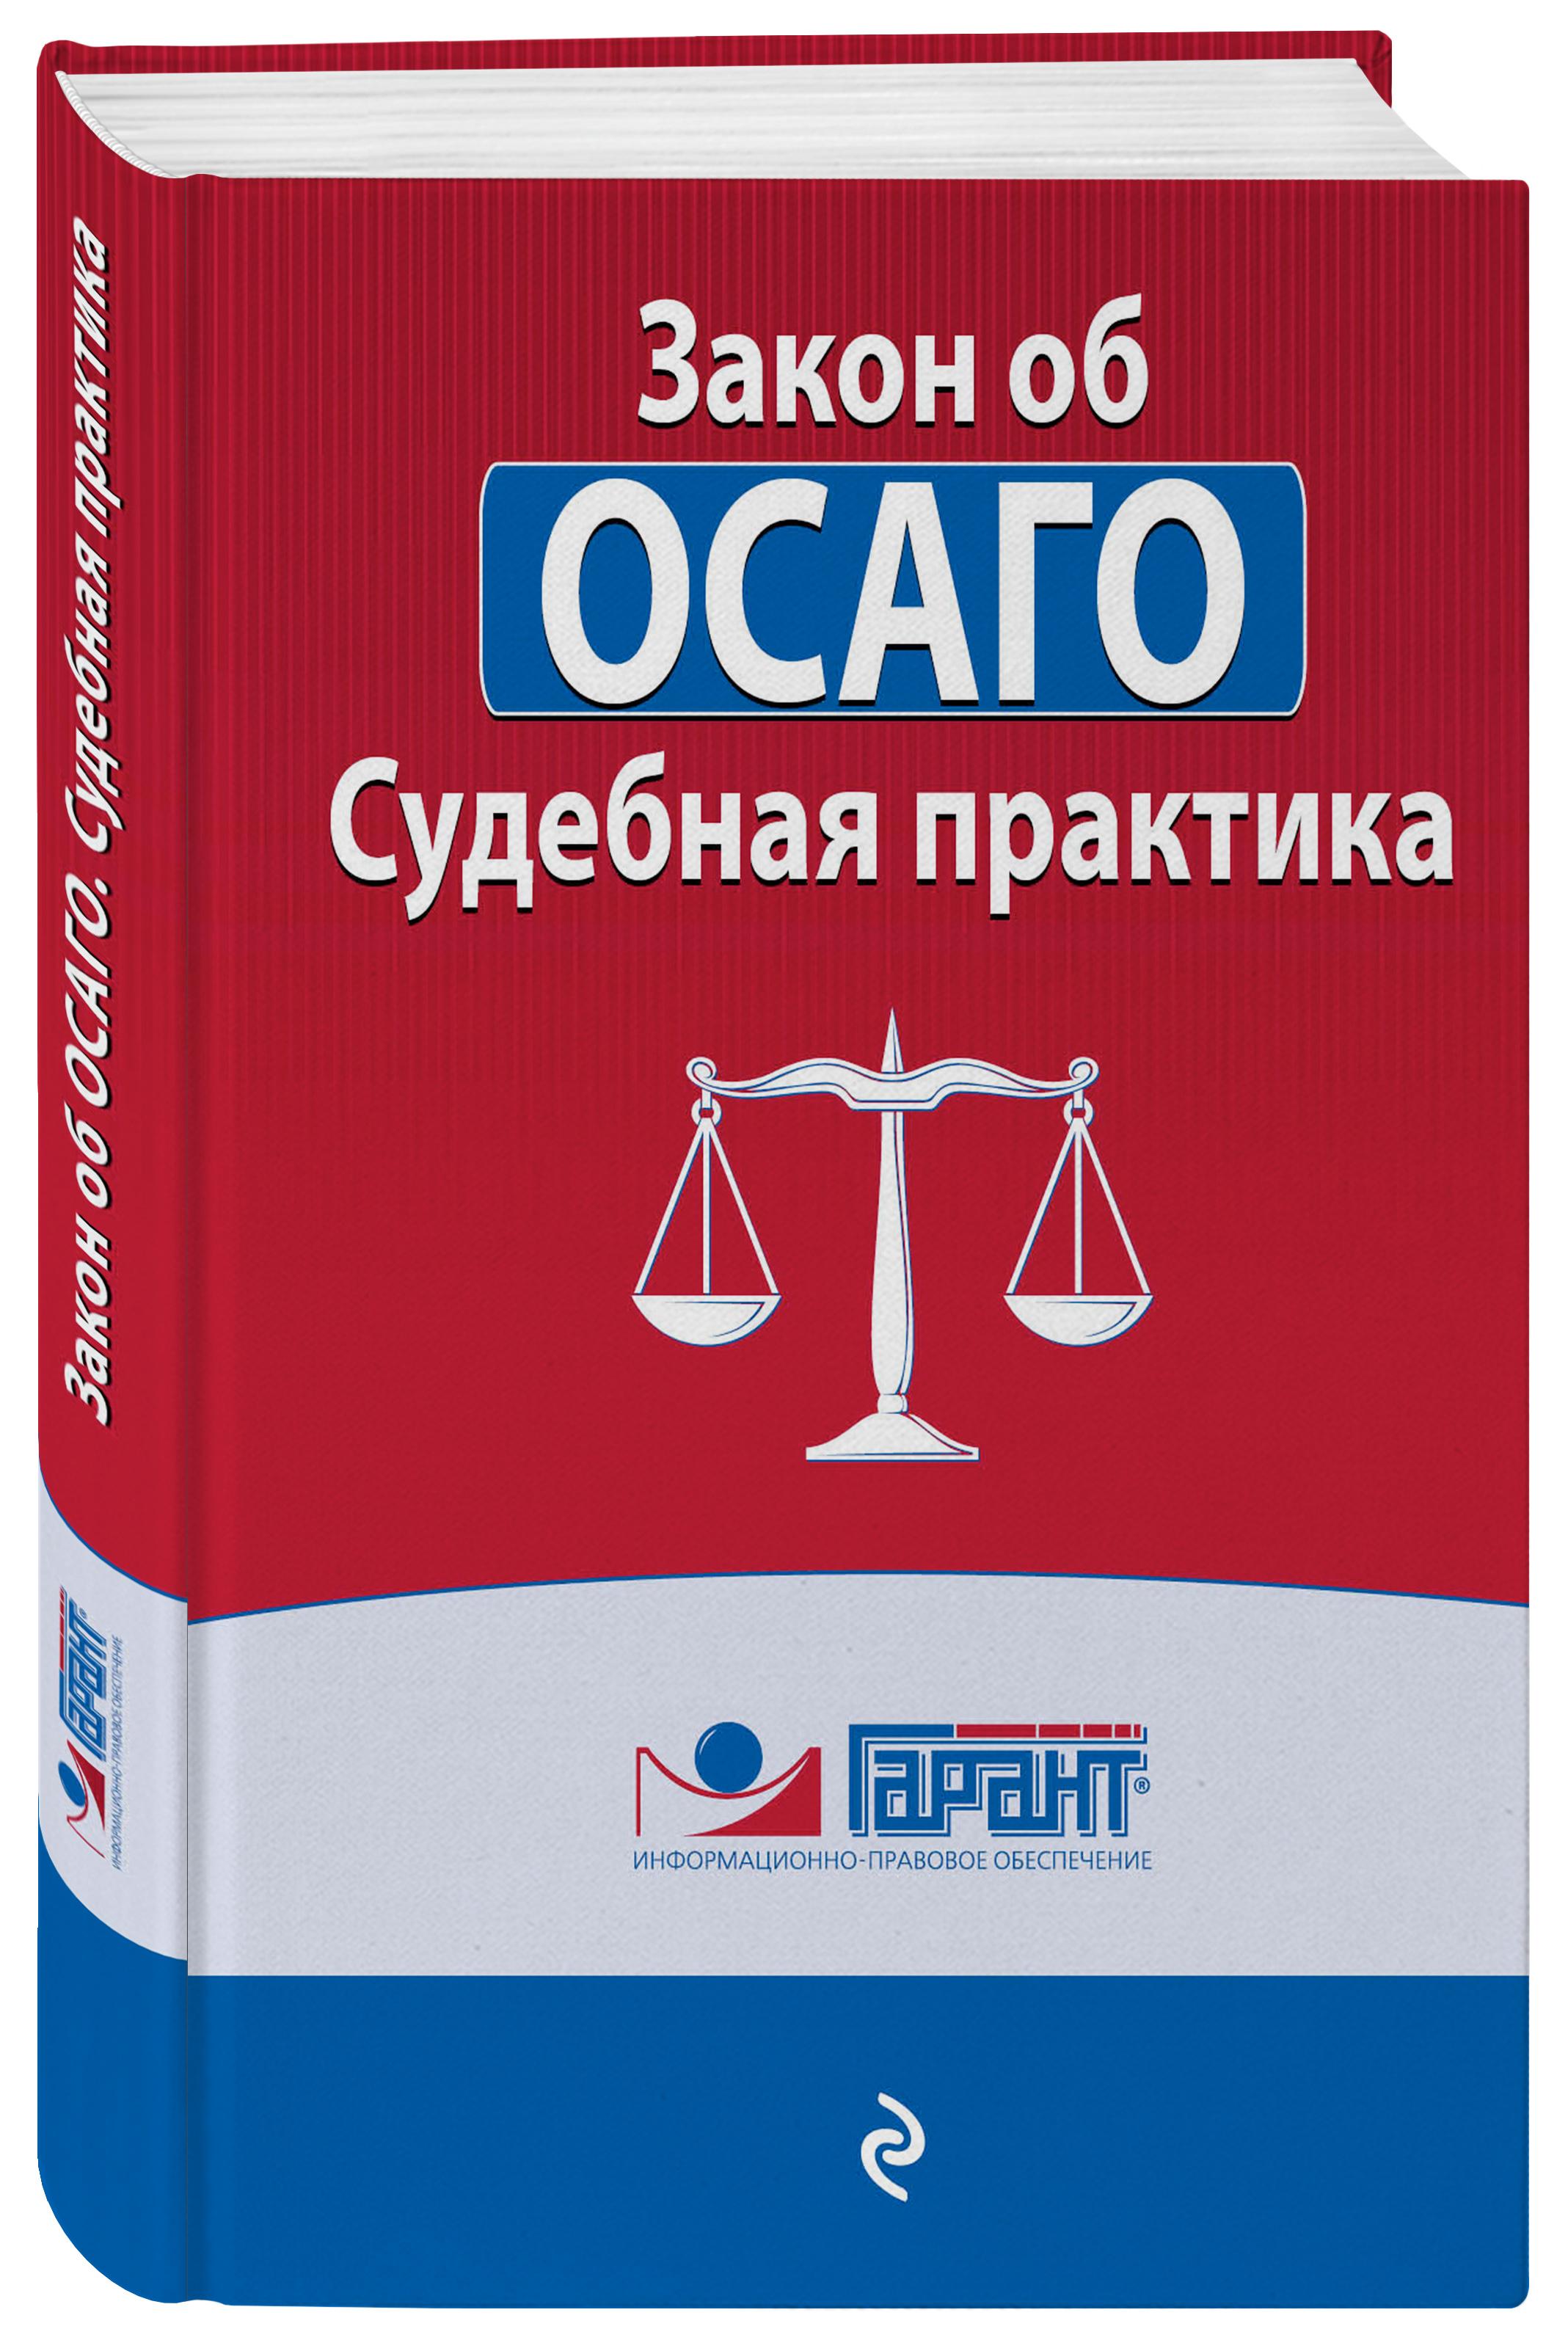 Рарог Алексей Ианоич Судебная практика к закону об ОСАГО